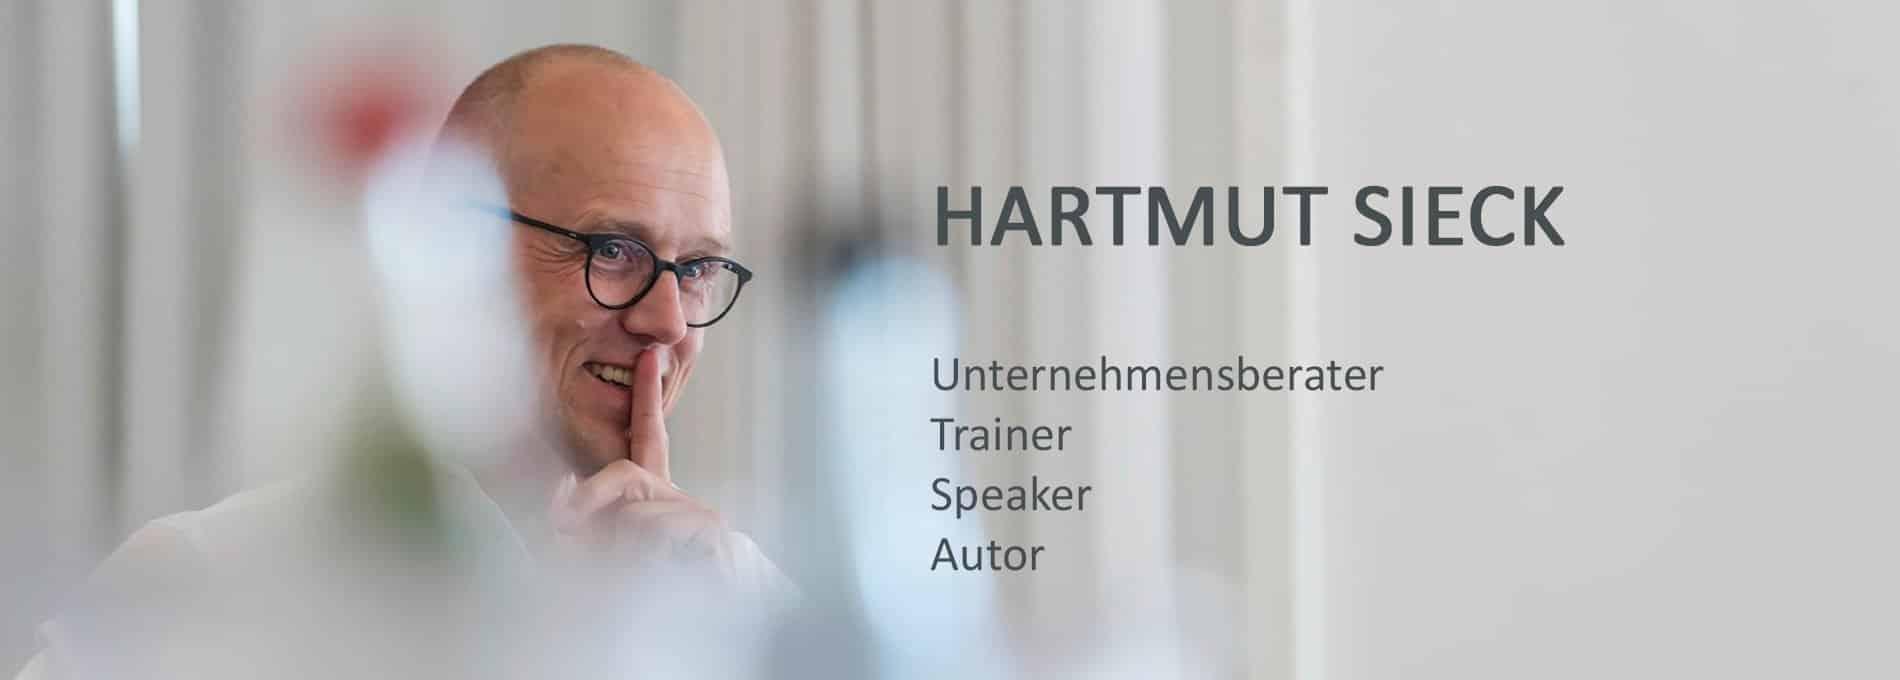 Hartmut Sieck - Unternehmensberater, Buchautor, Speaker, Trainer